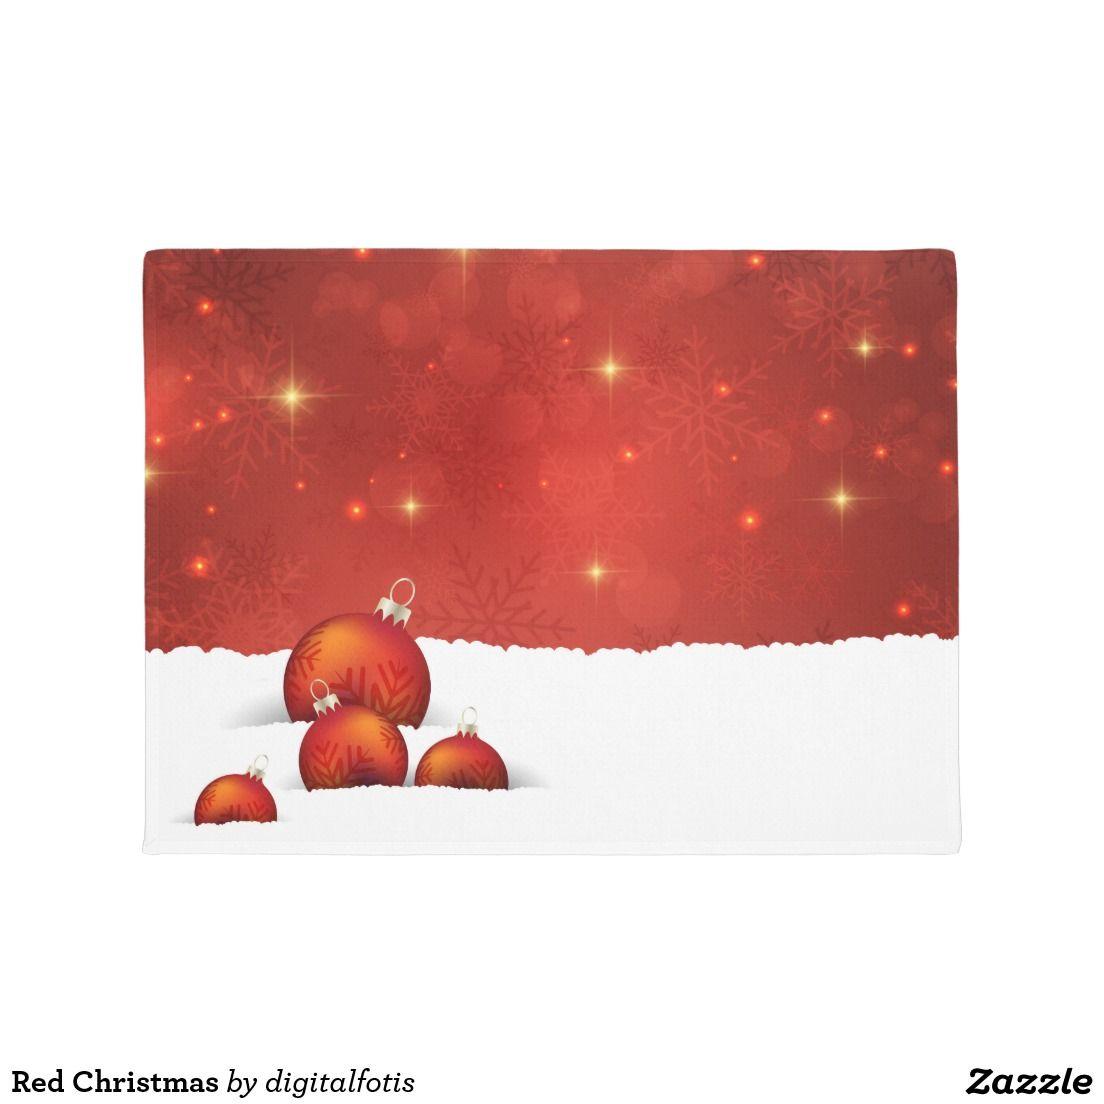 Red Christmas Doormat | Christmas doormat, Red christmas and Doormat